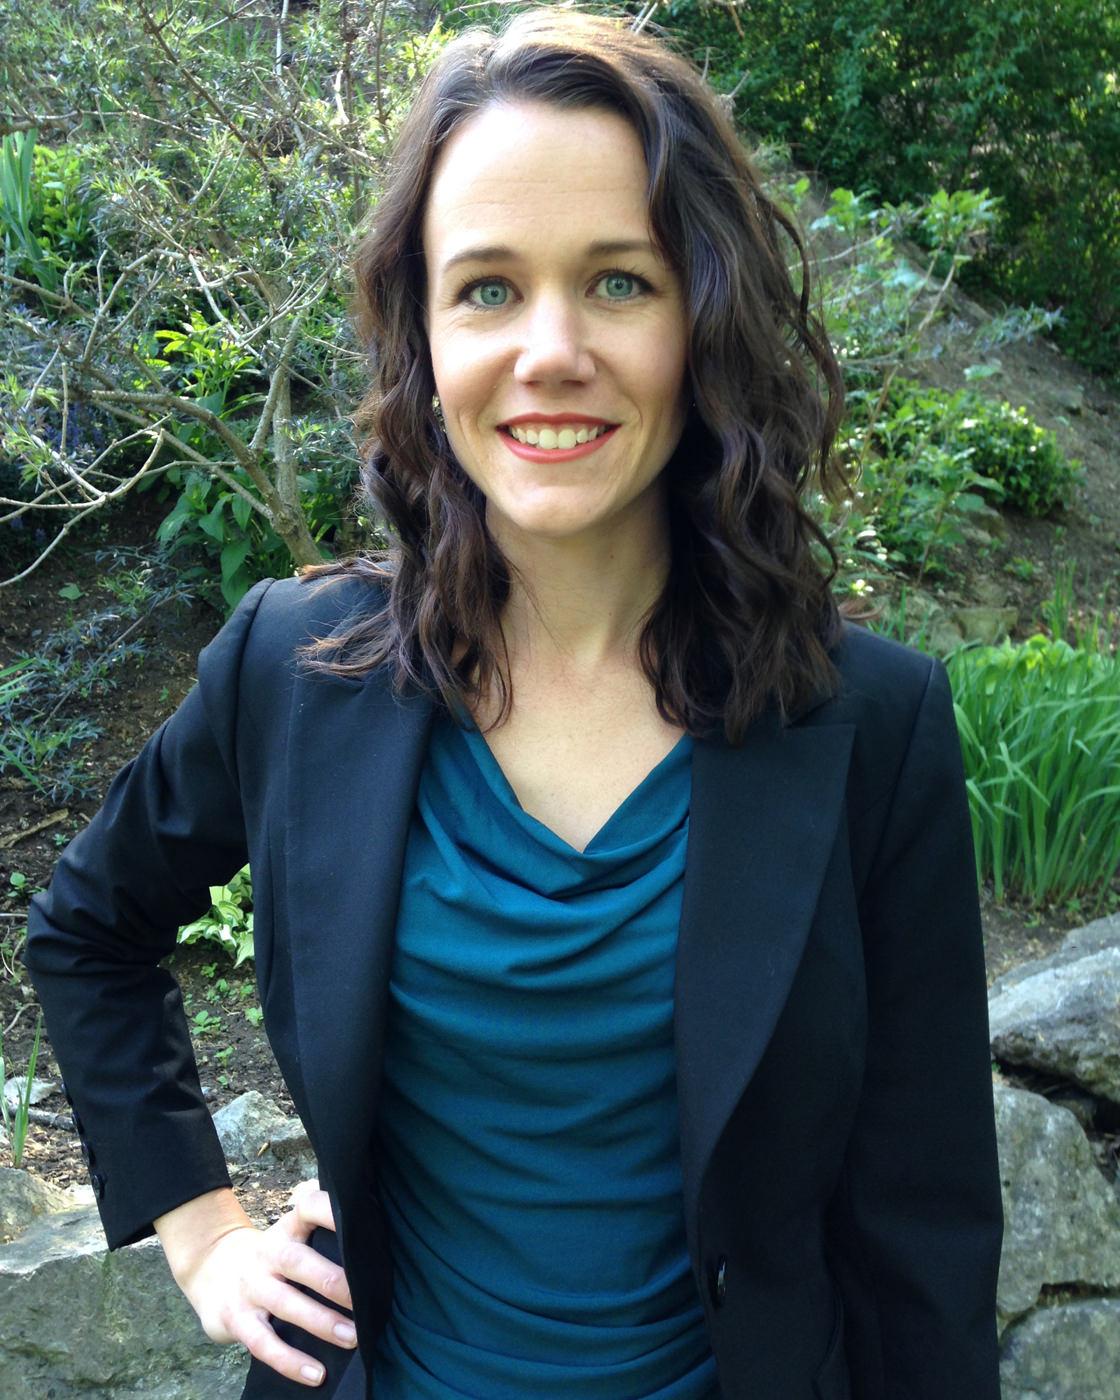 Caitlin Christman